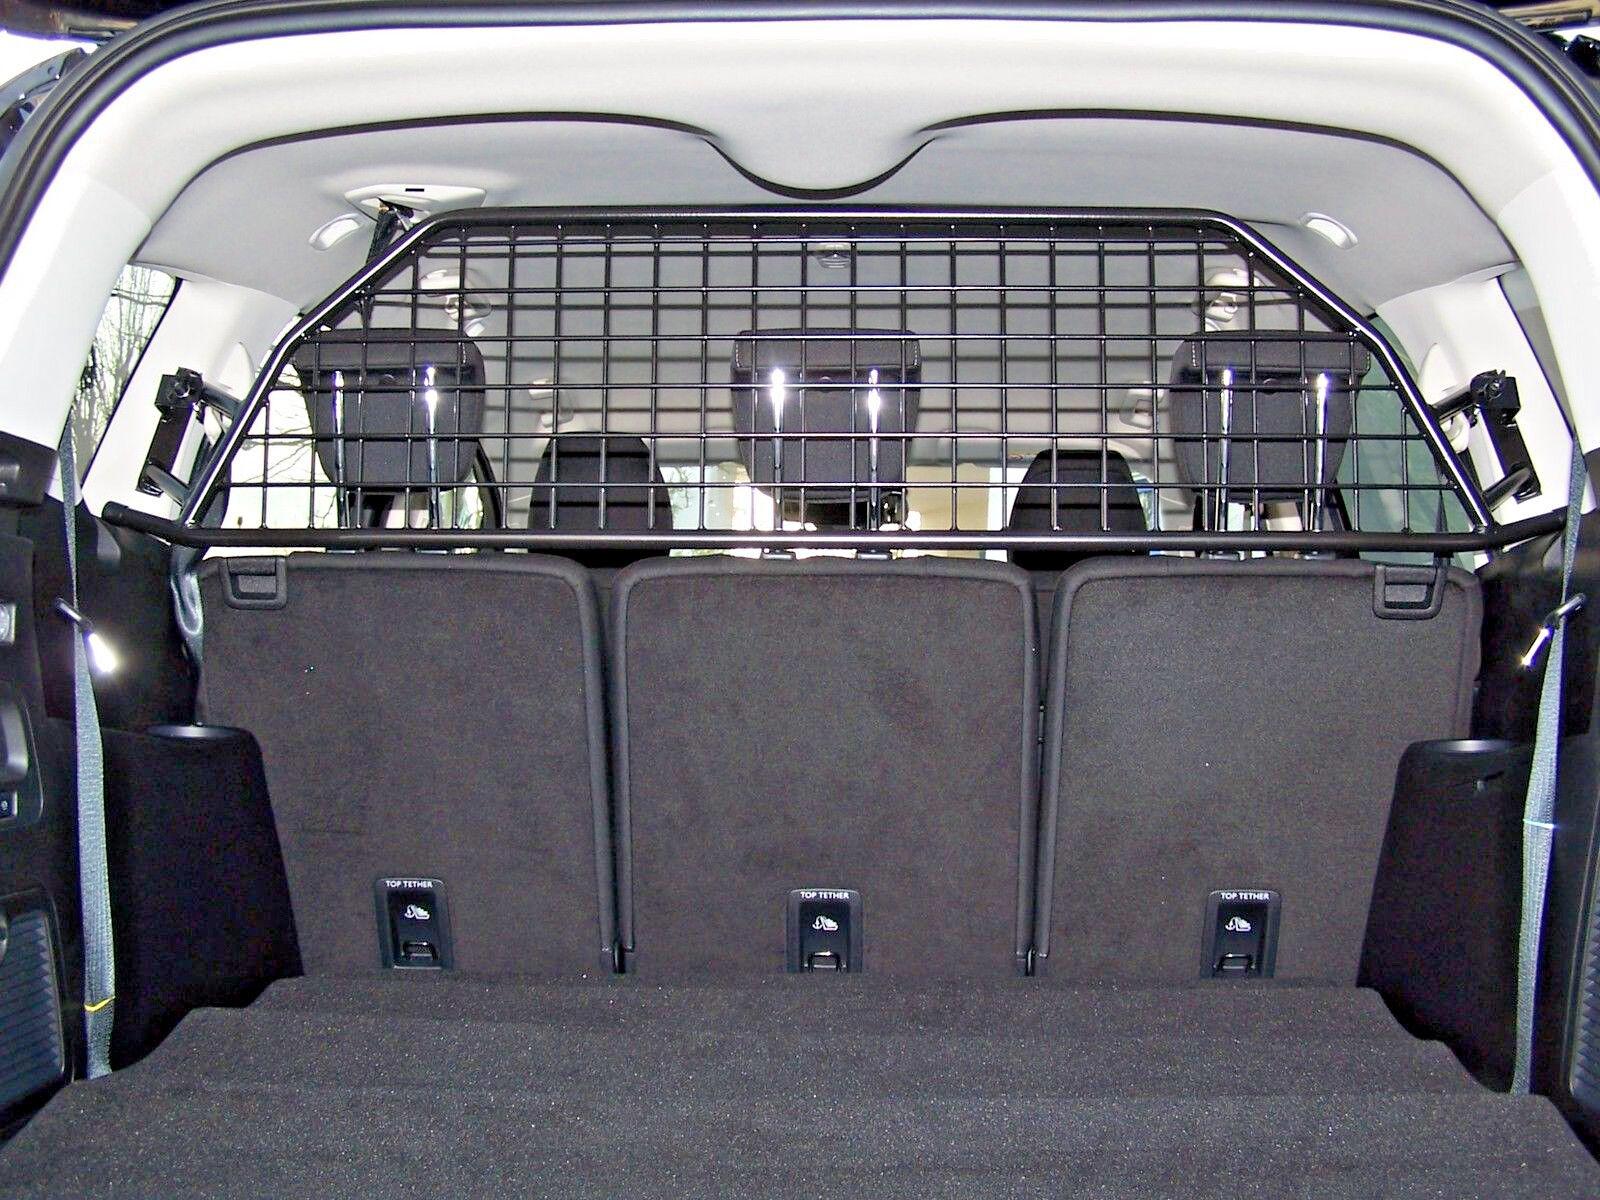 FORD SMAX ab BJ. 15 griglia per per per cani, bagagli griglia, cani griglia di prossoezione 7ac925